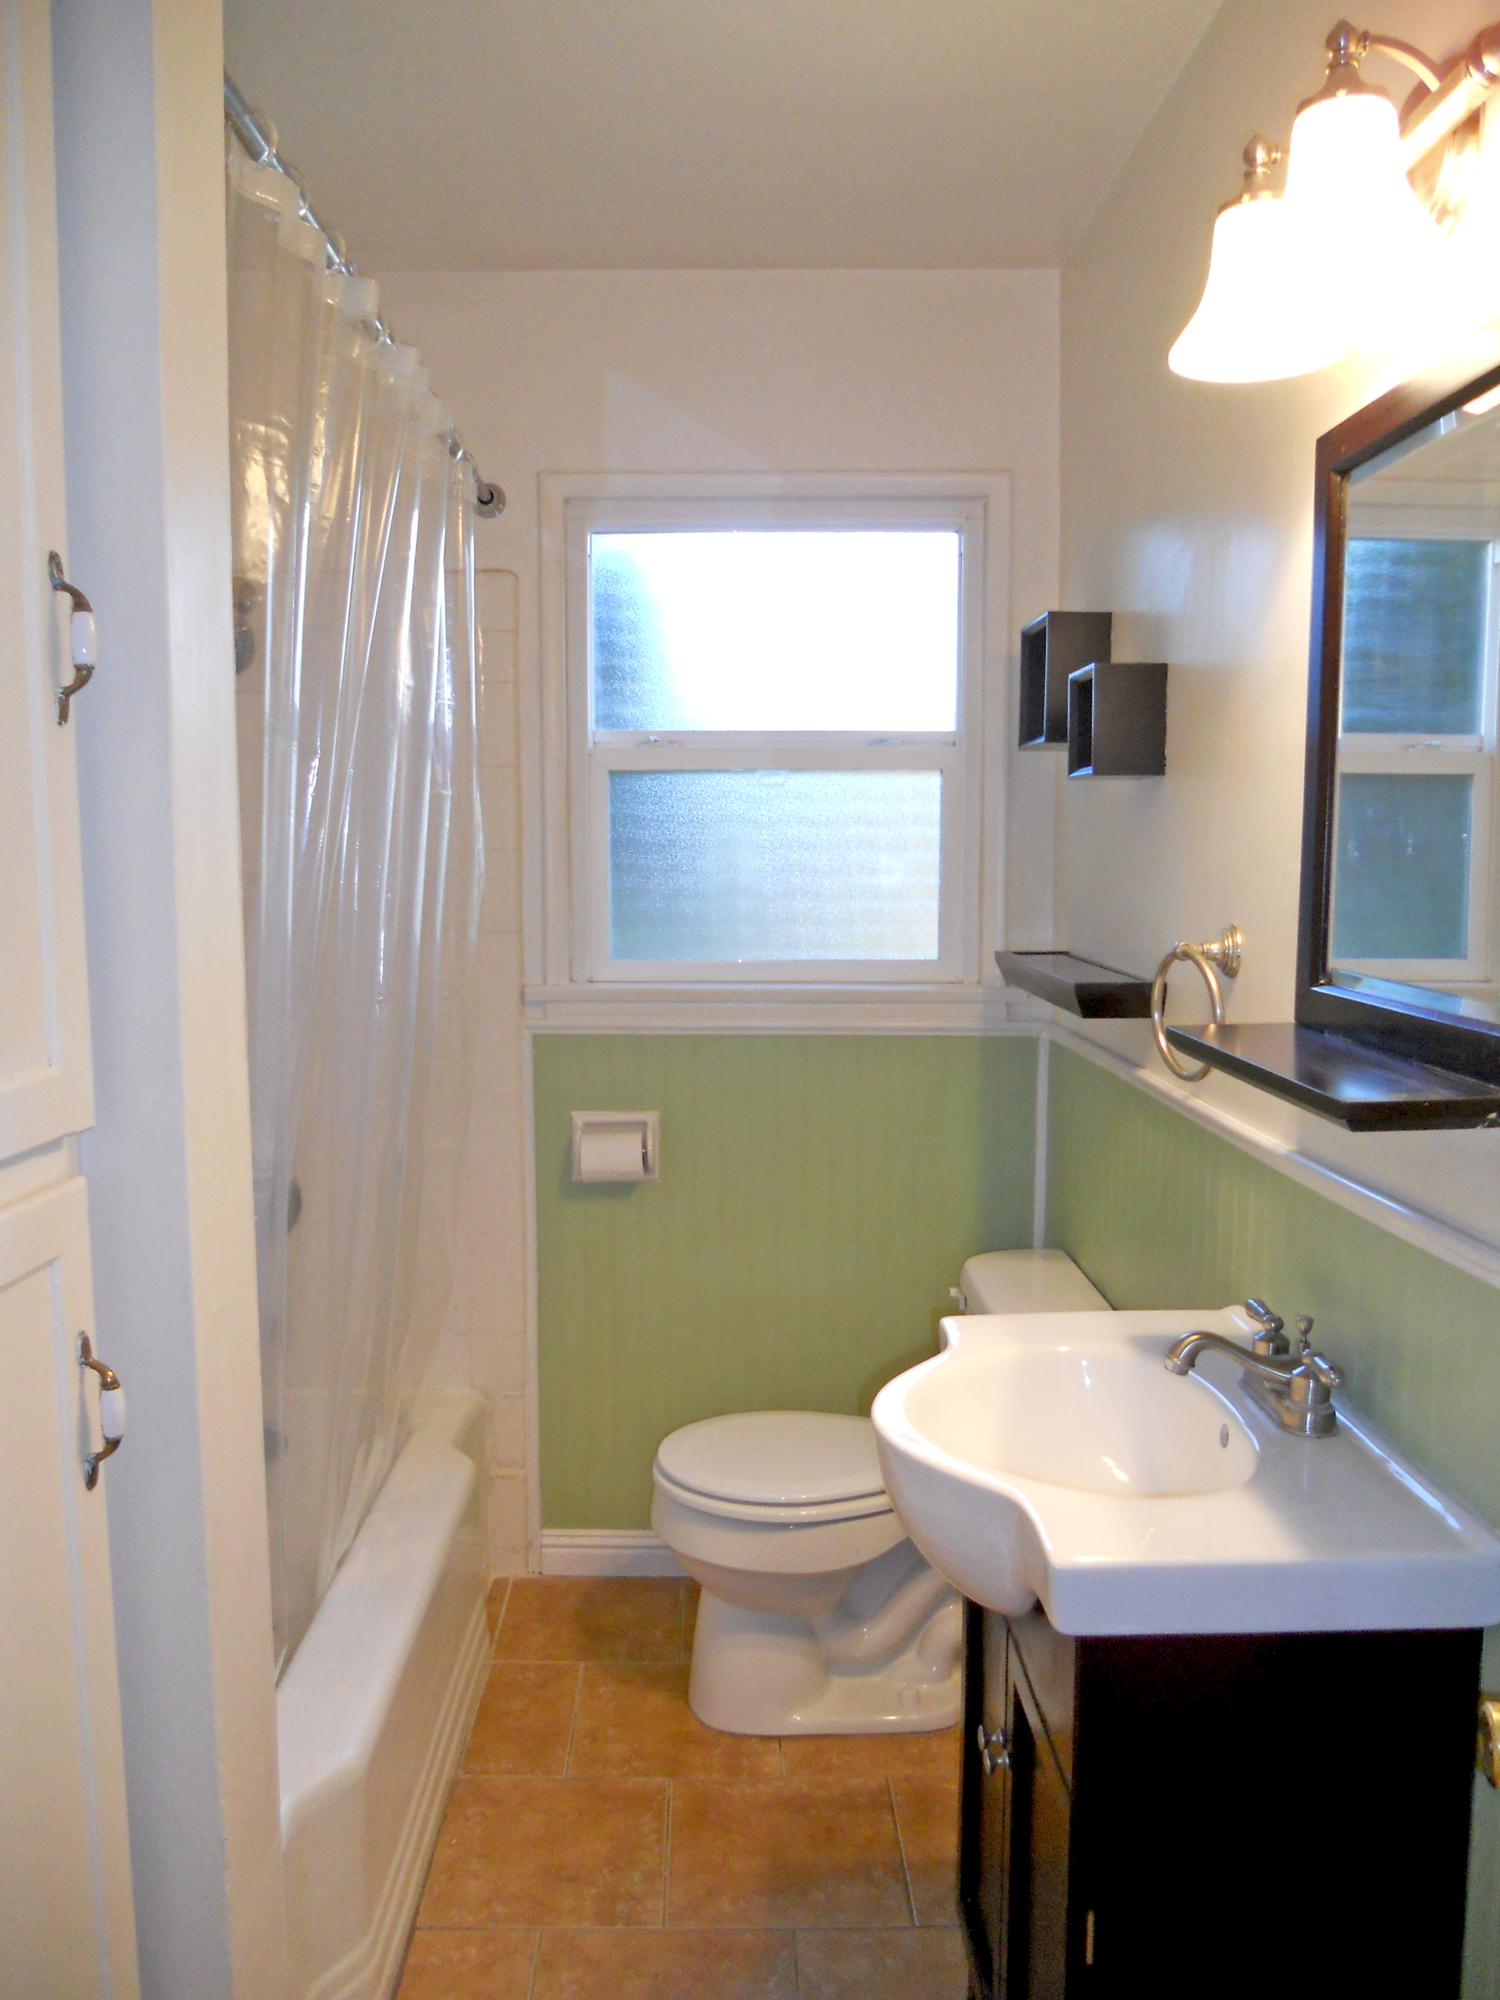 Updated bathroom with tile floor, newer vanity, wainscoting and deep linen closet.